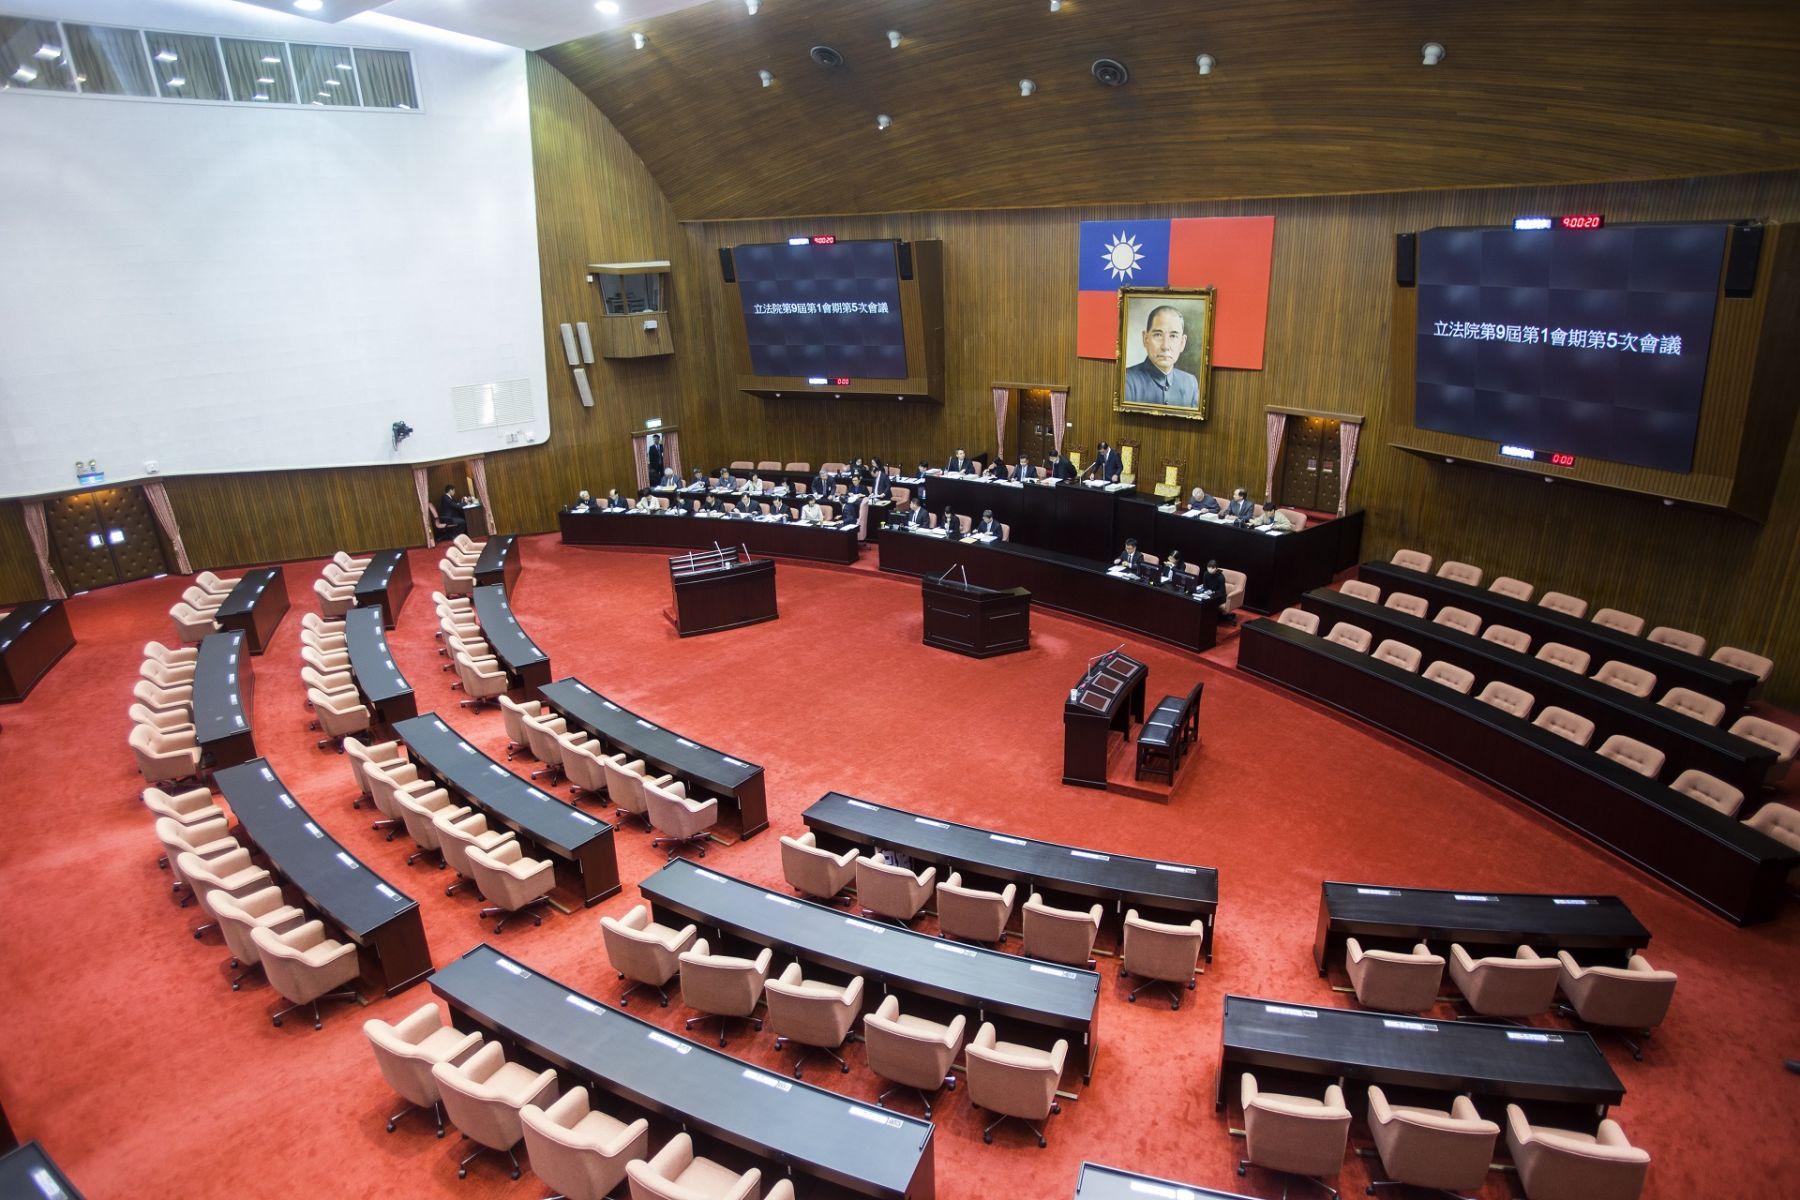 立院爆6助理被性騷擾 秘書長籲:一定要勇於申訴